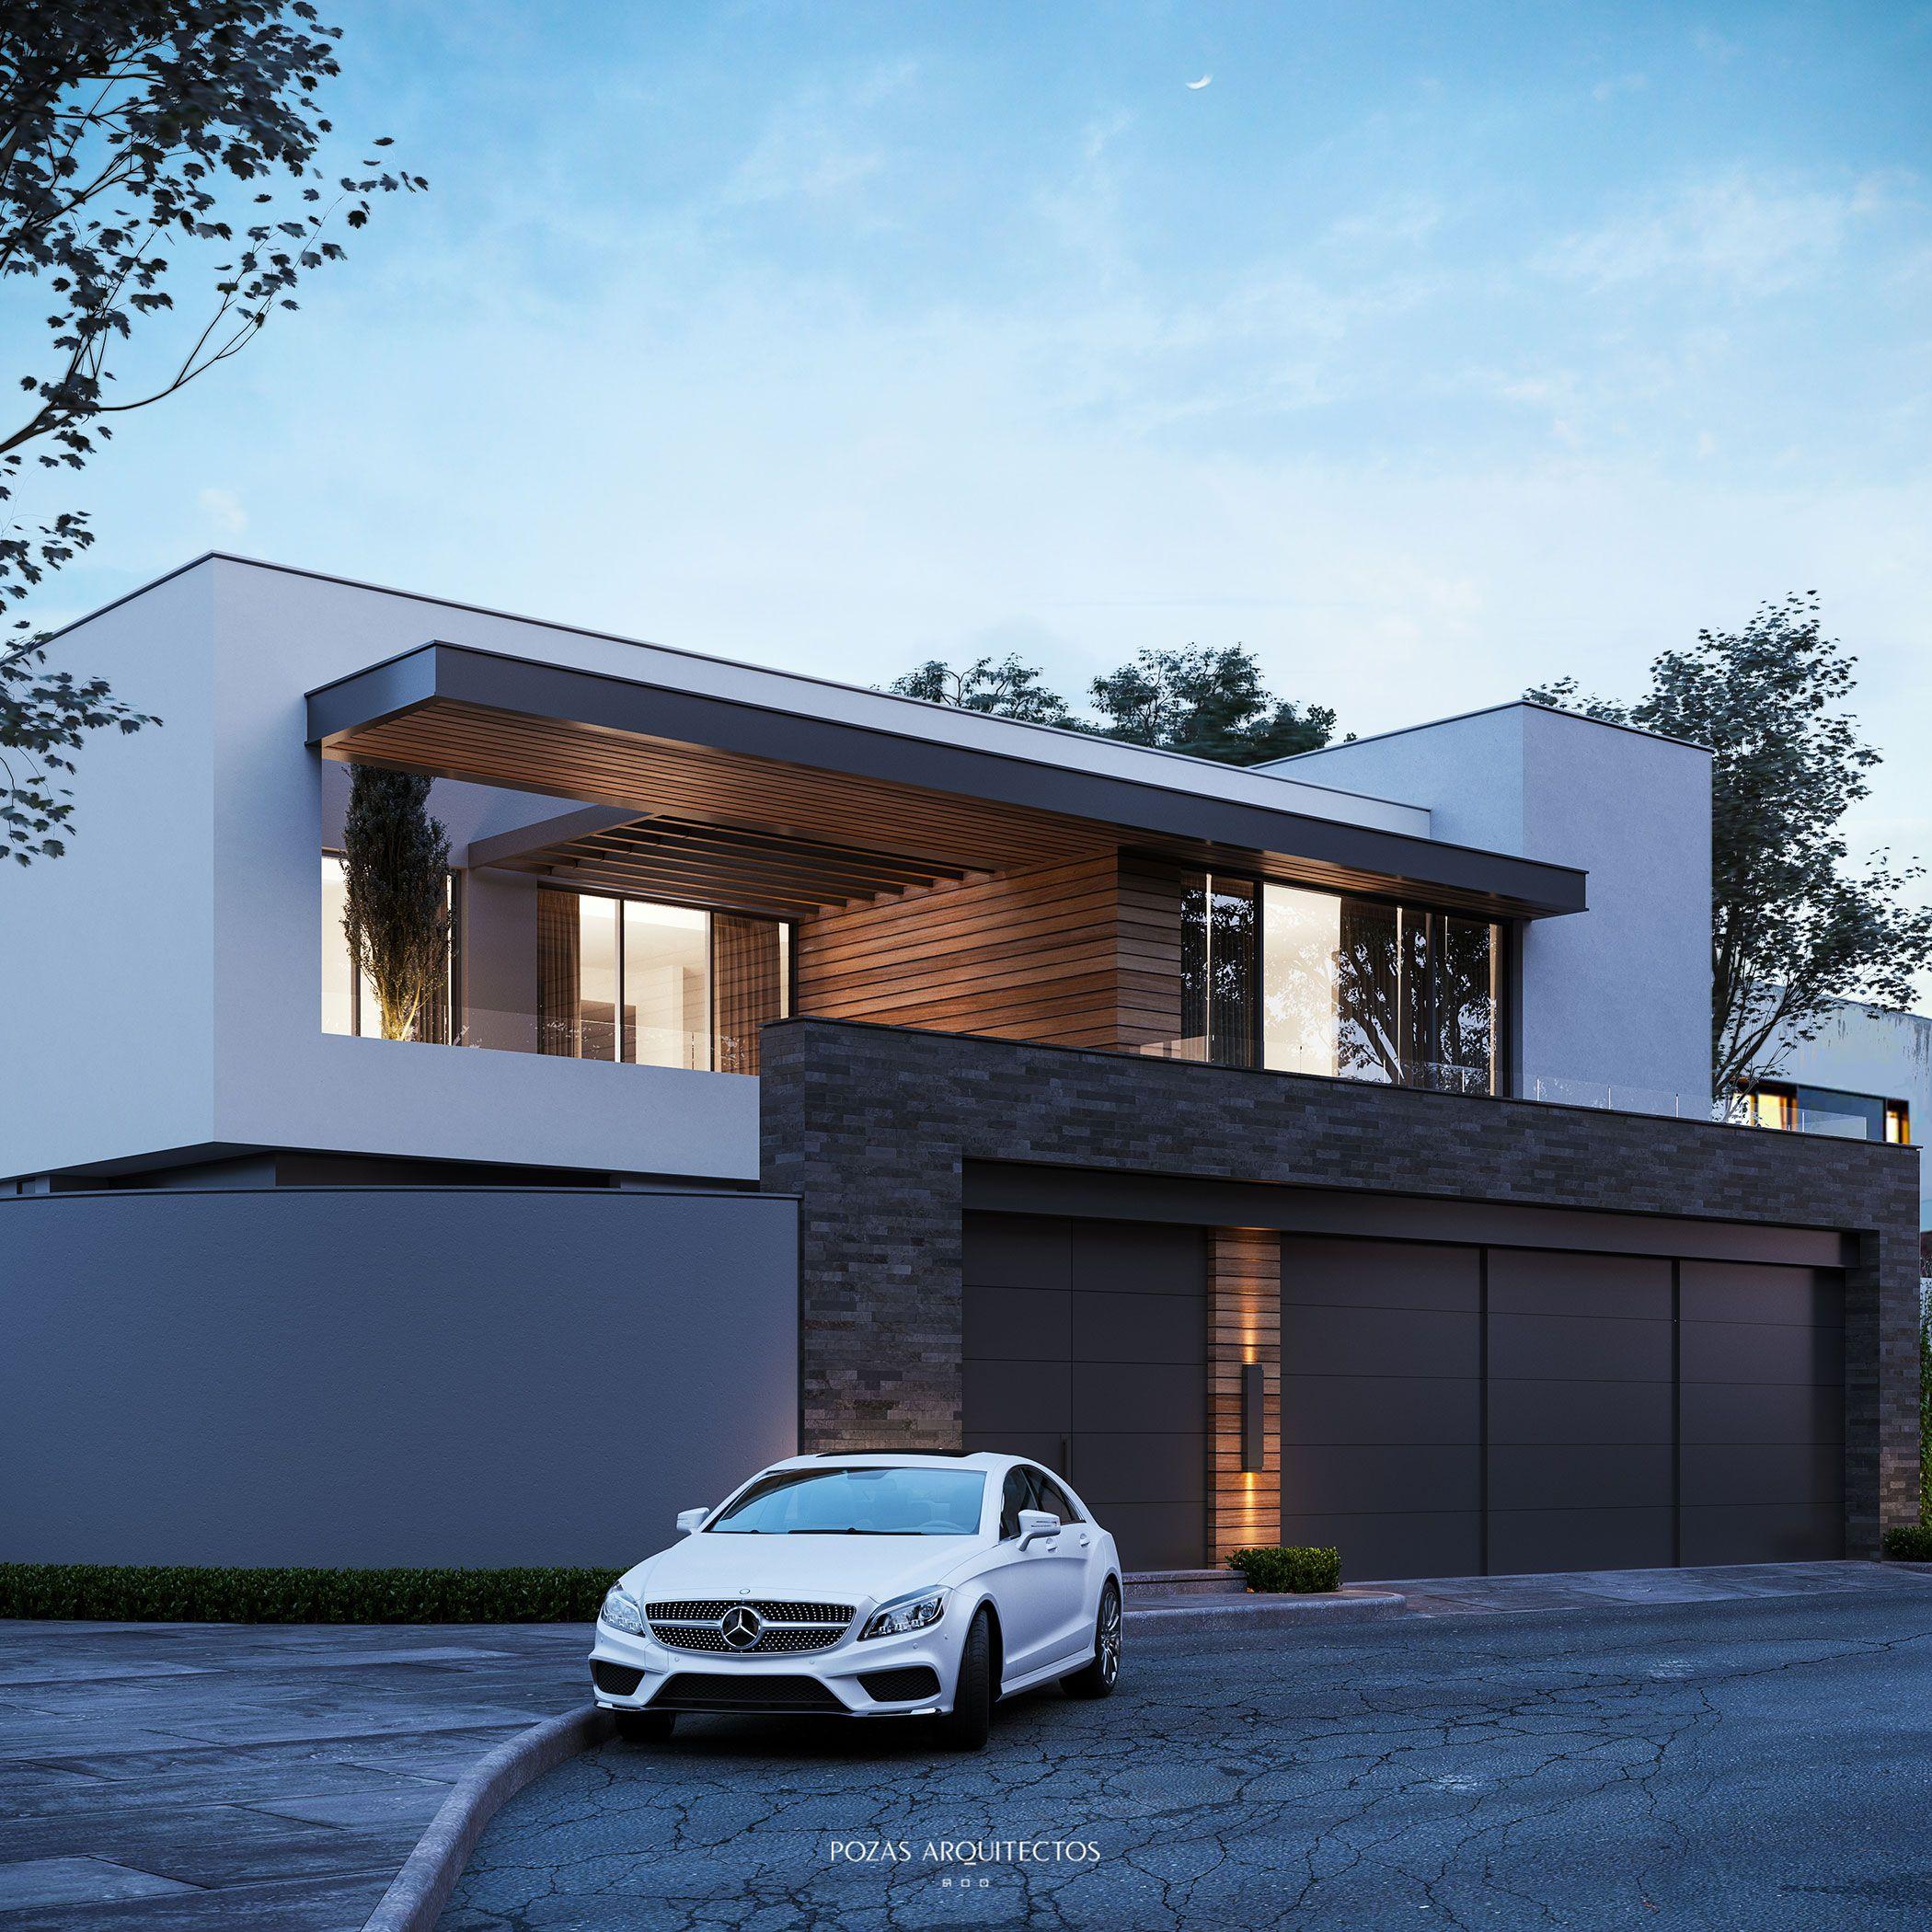 Pin de jca en arquitectura pinterest fachadas casas y arquitectura